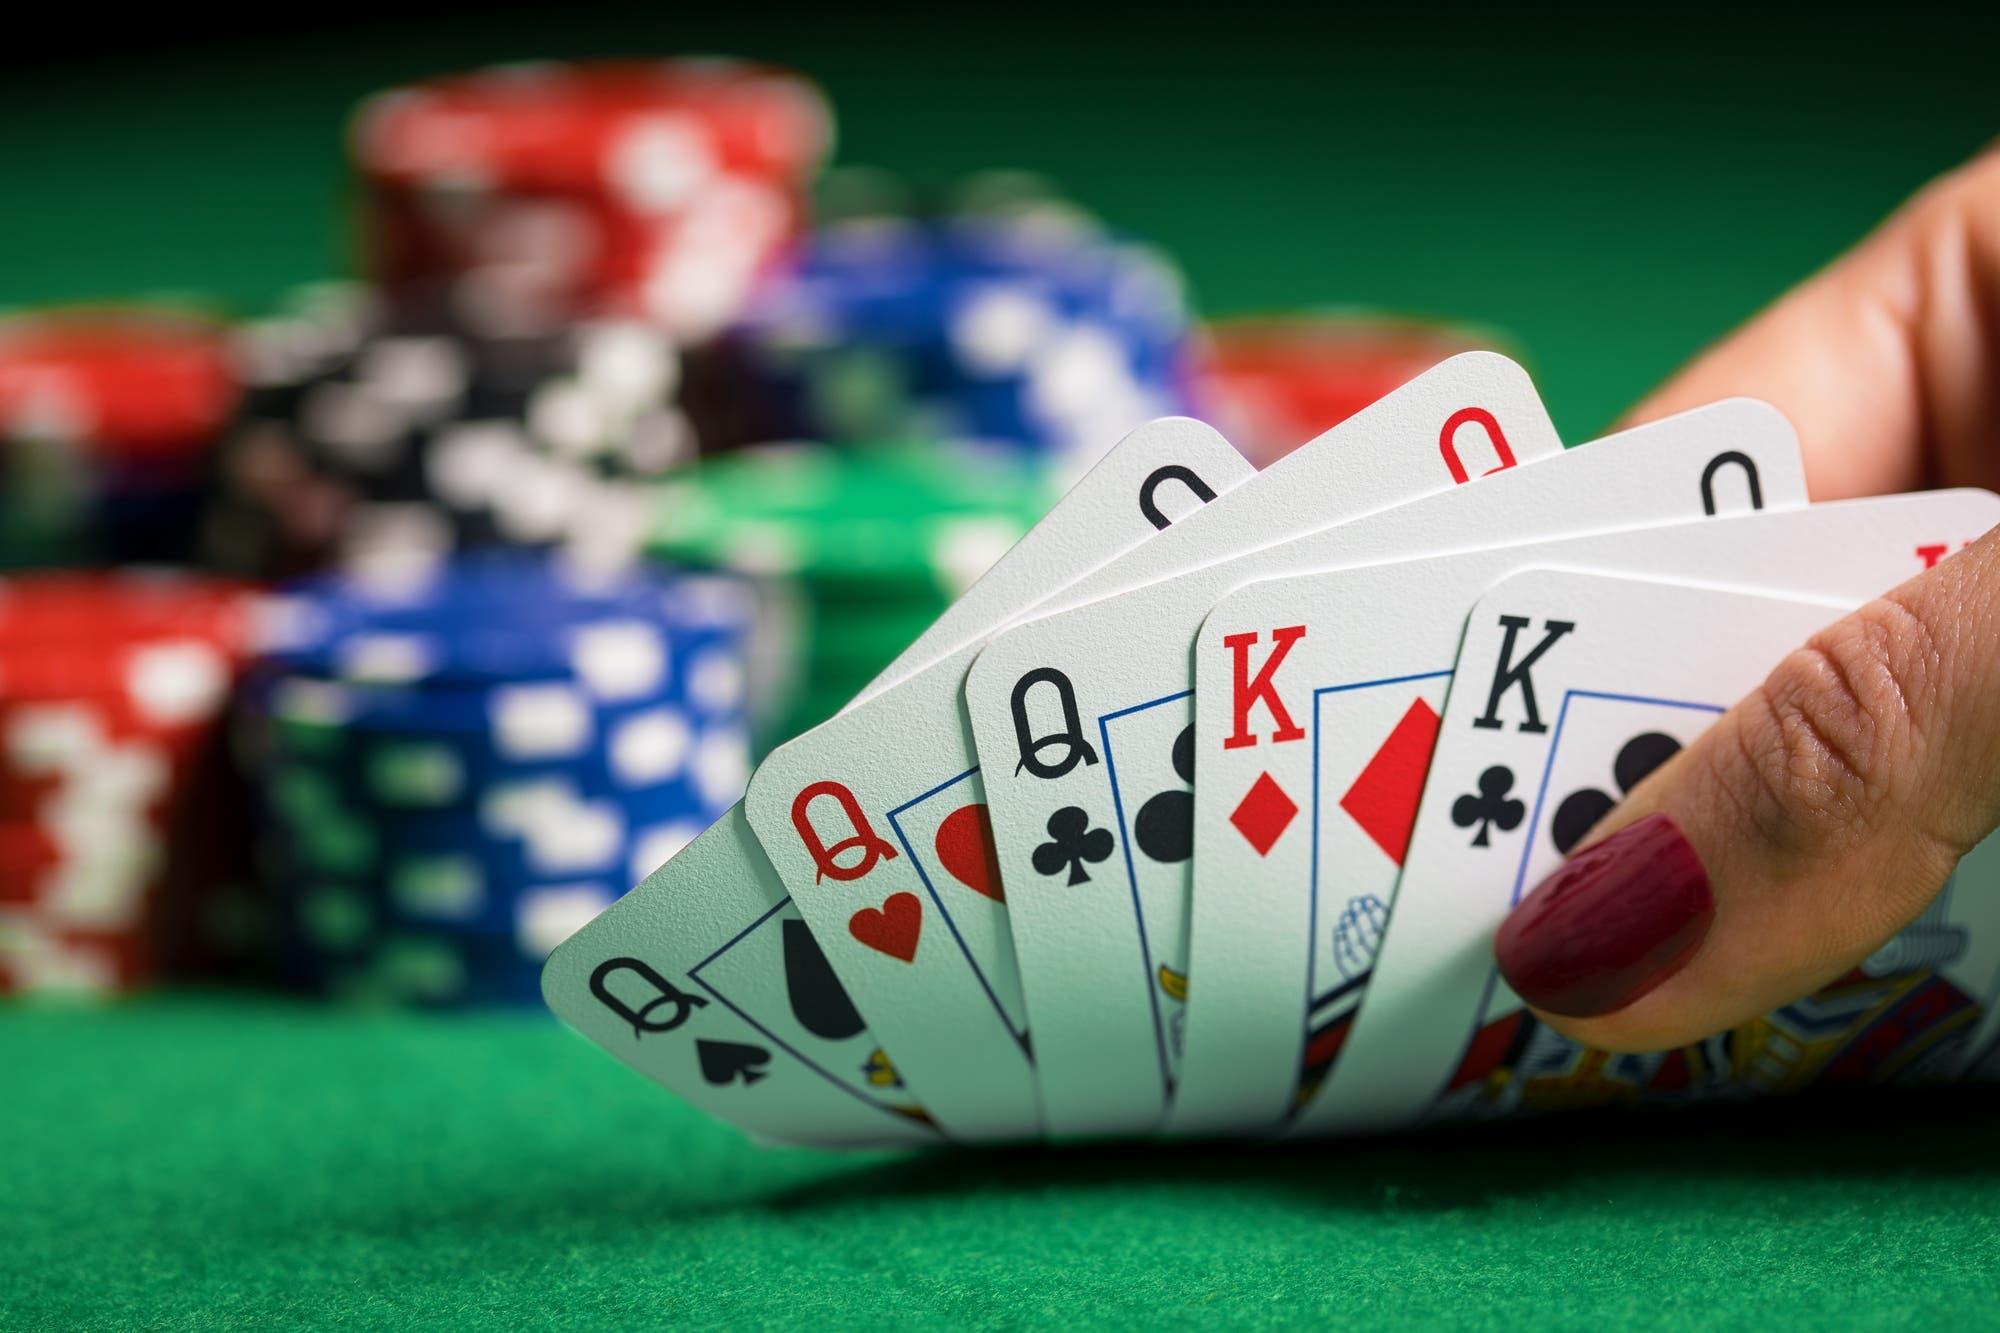 Cómo las máquinas aprendieron a engañar a los humanos en el póker (y cómo esto nos podría ayudar)